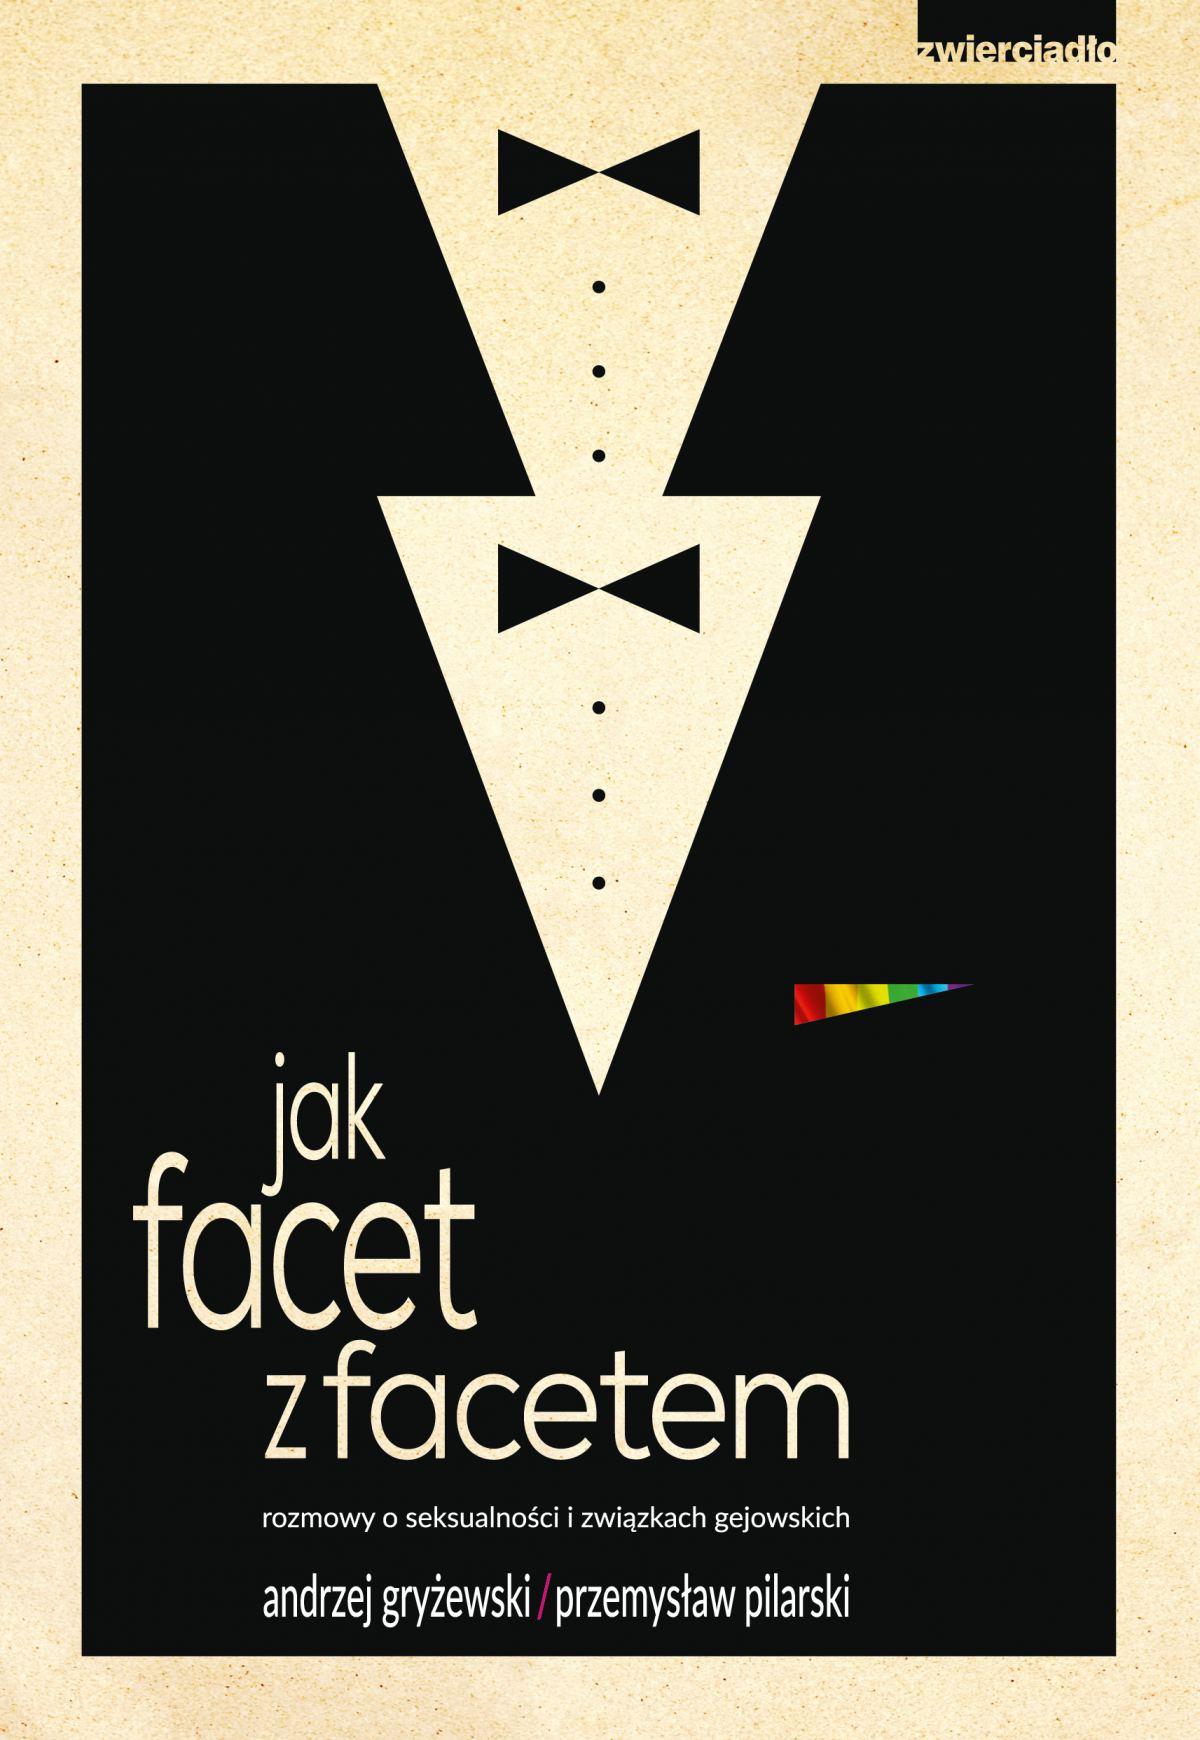 Jak facet z facetem, rozmowy o seksualności i związkach gejowskicch - Ebook (Książka na Kindle) do pobrania w formacie MOBI